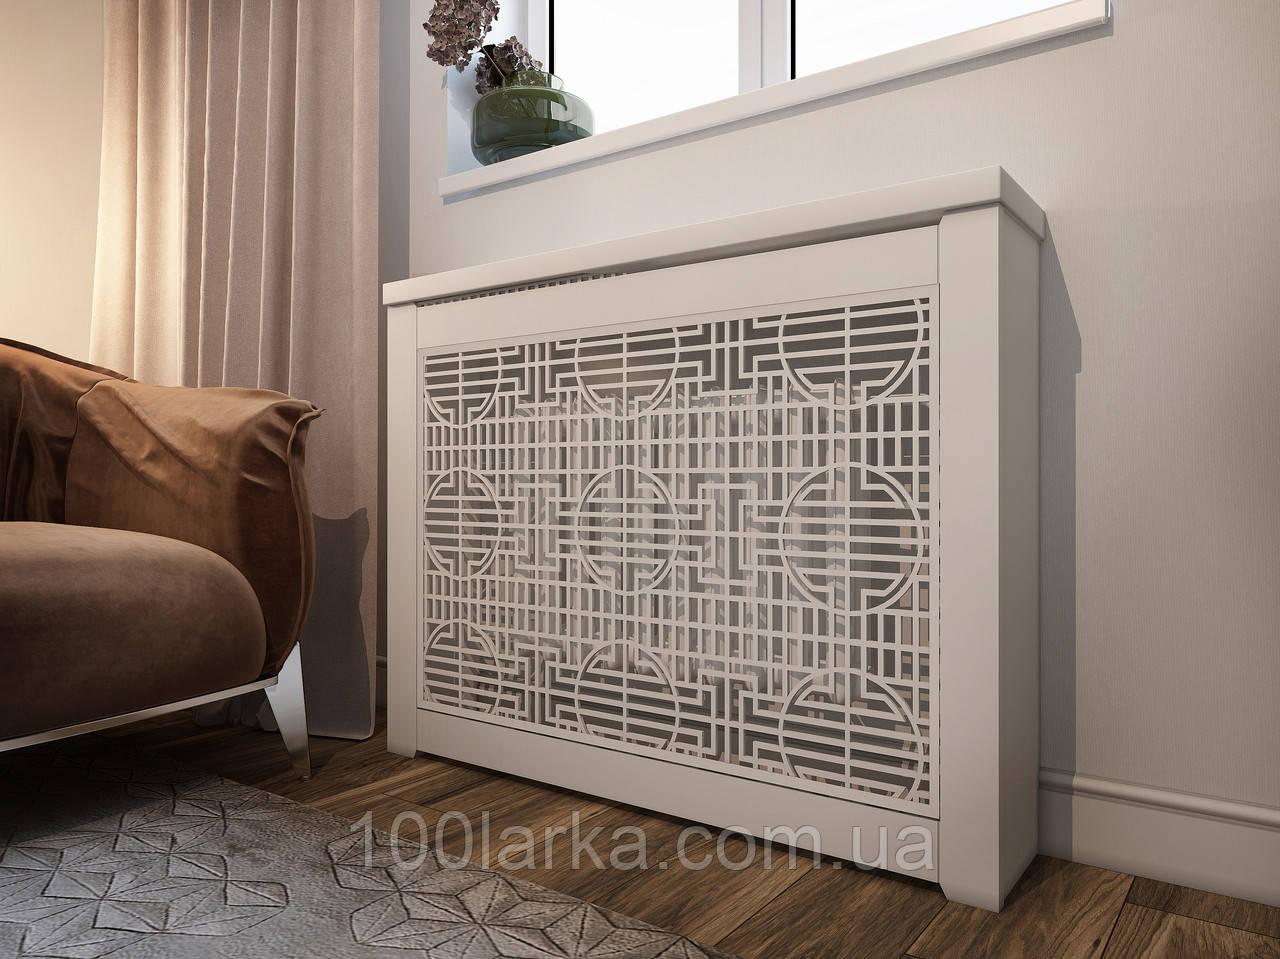 Декоративна решітка екран (короб) на батарею опалення R111-K60